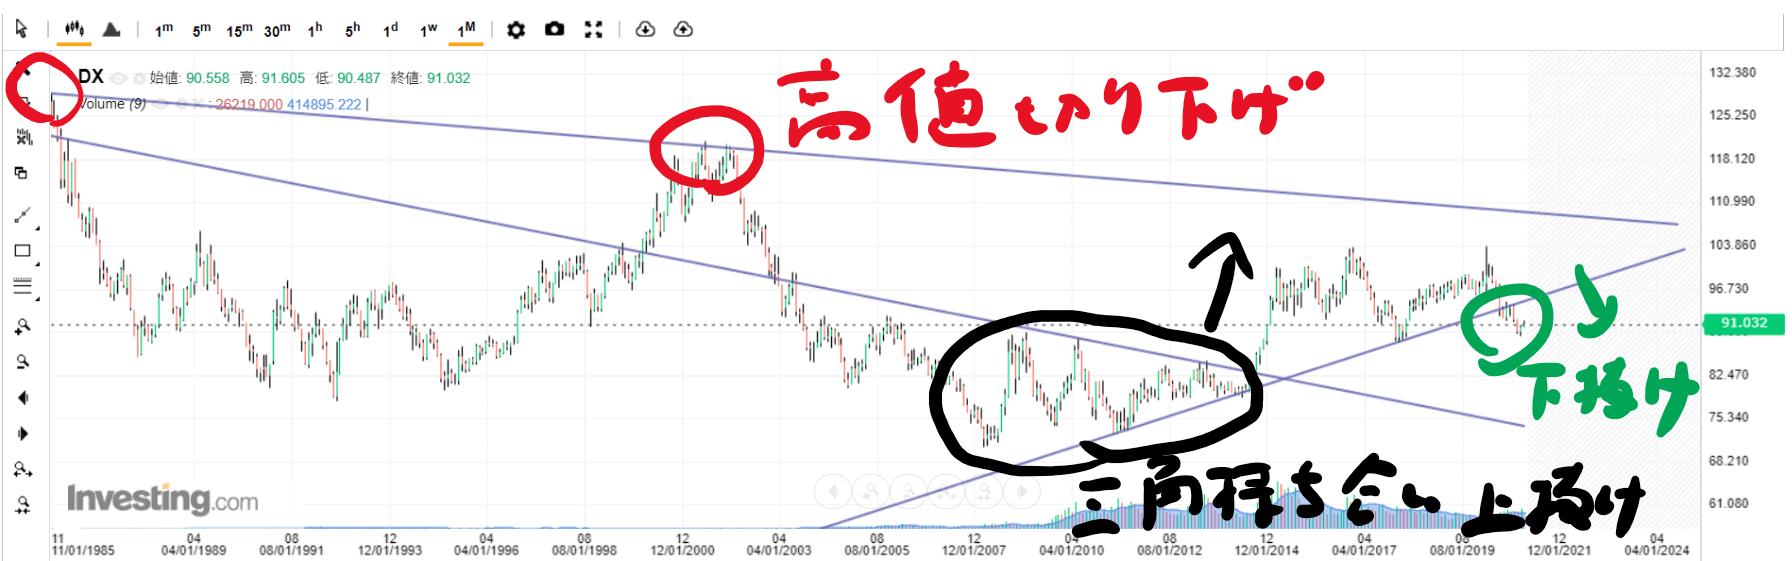 ドルインデックス(DXY)月足チャート_20210207